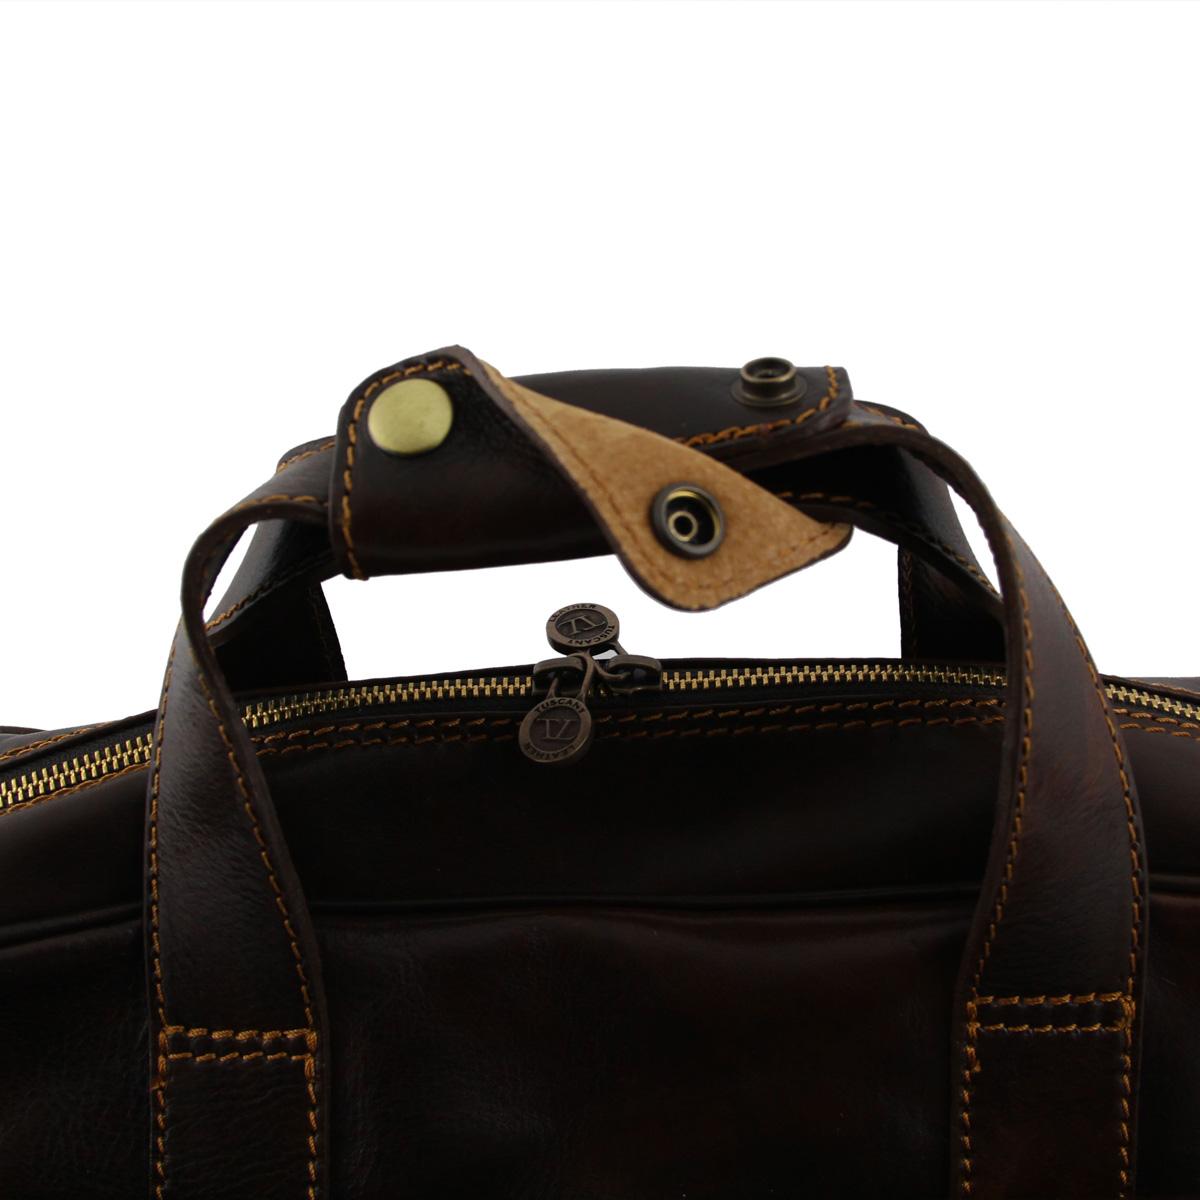 HemHERRVÄSKORPortföljer DatorväskorTuscany LeatherPortfölj Datorväska  Reggio Emilia Italienskt läder TL140889. Previous 5eab5be20331e